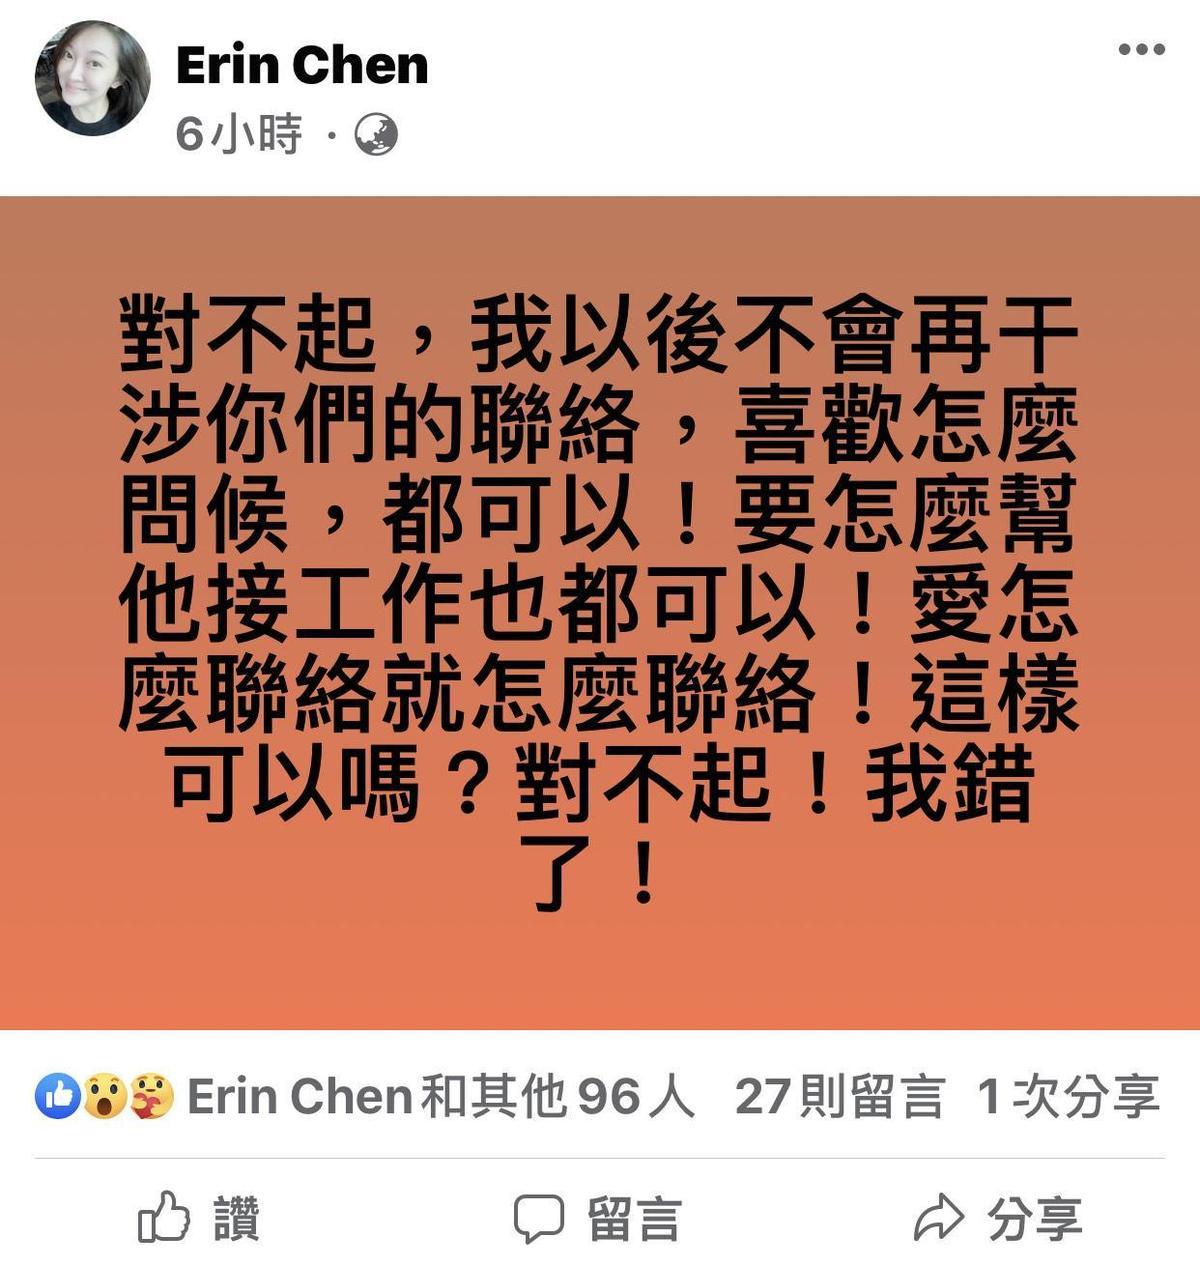 陳貞均昨在臉書對陳柏渝公開道歉,不過數小時後卻刪除。(翻攝自Eric Chen臉書)